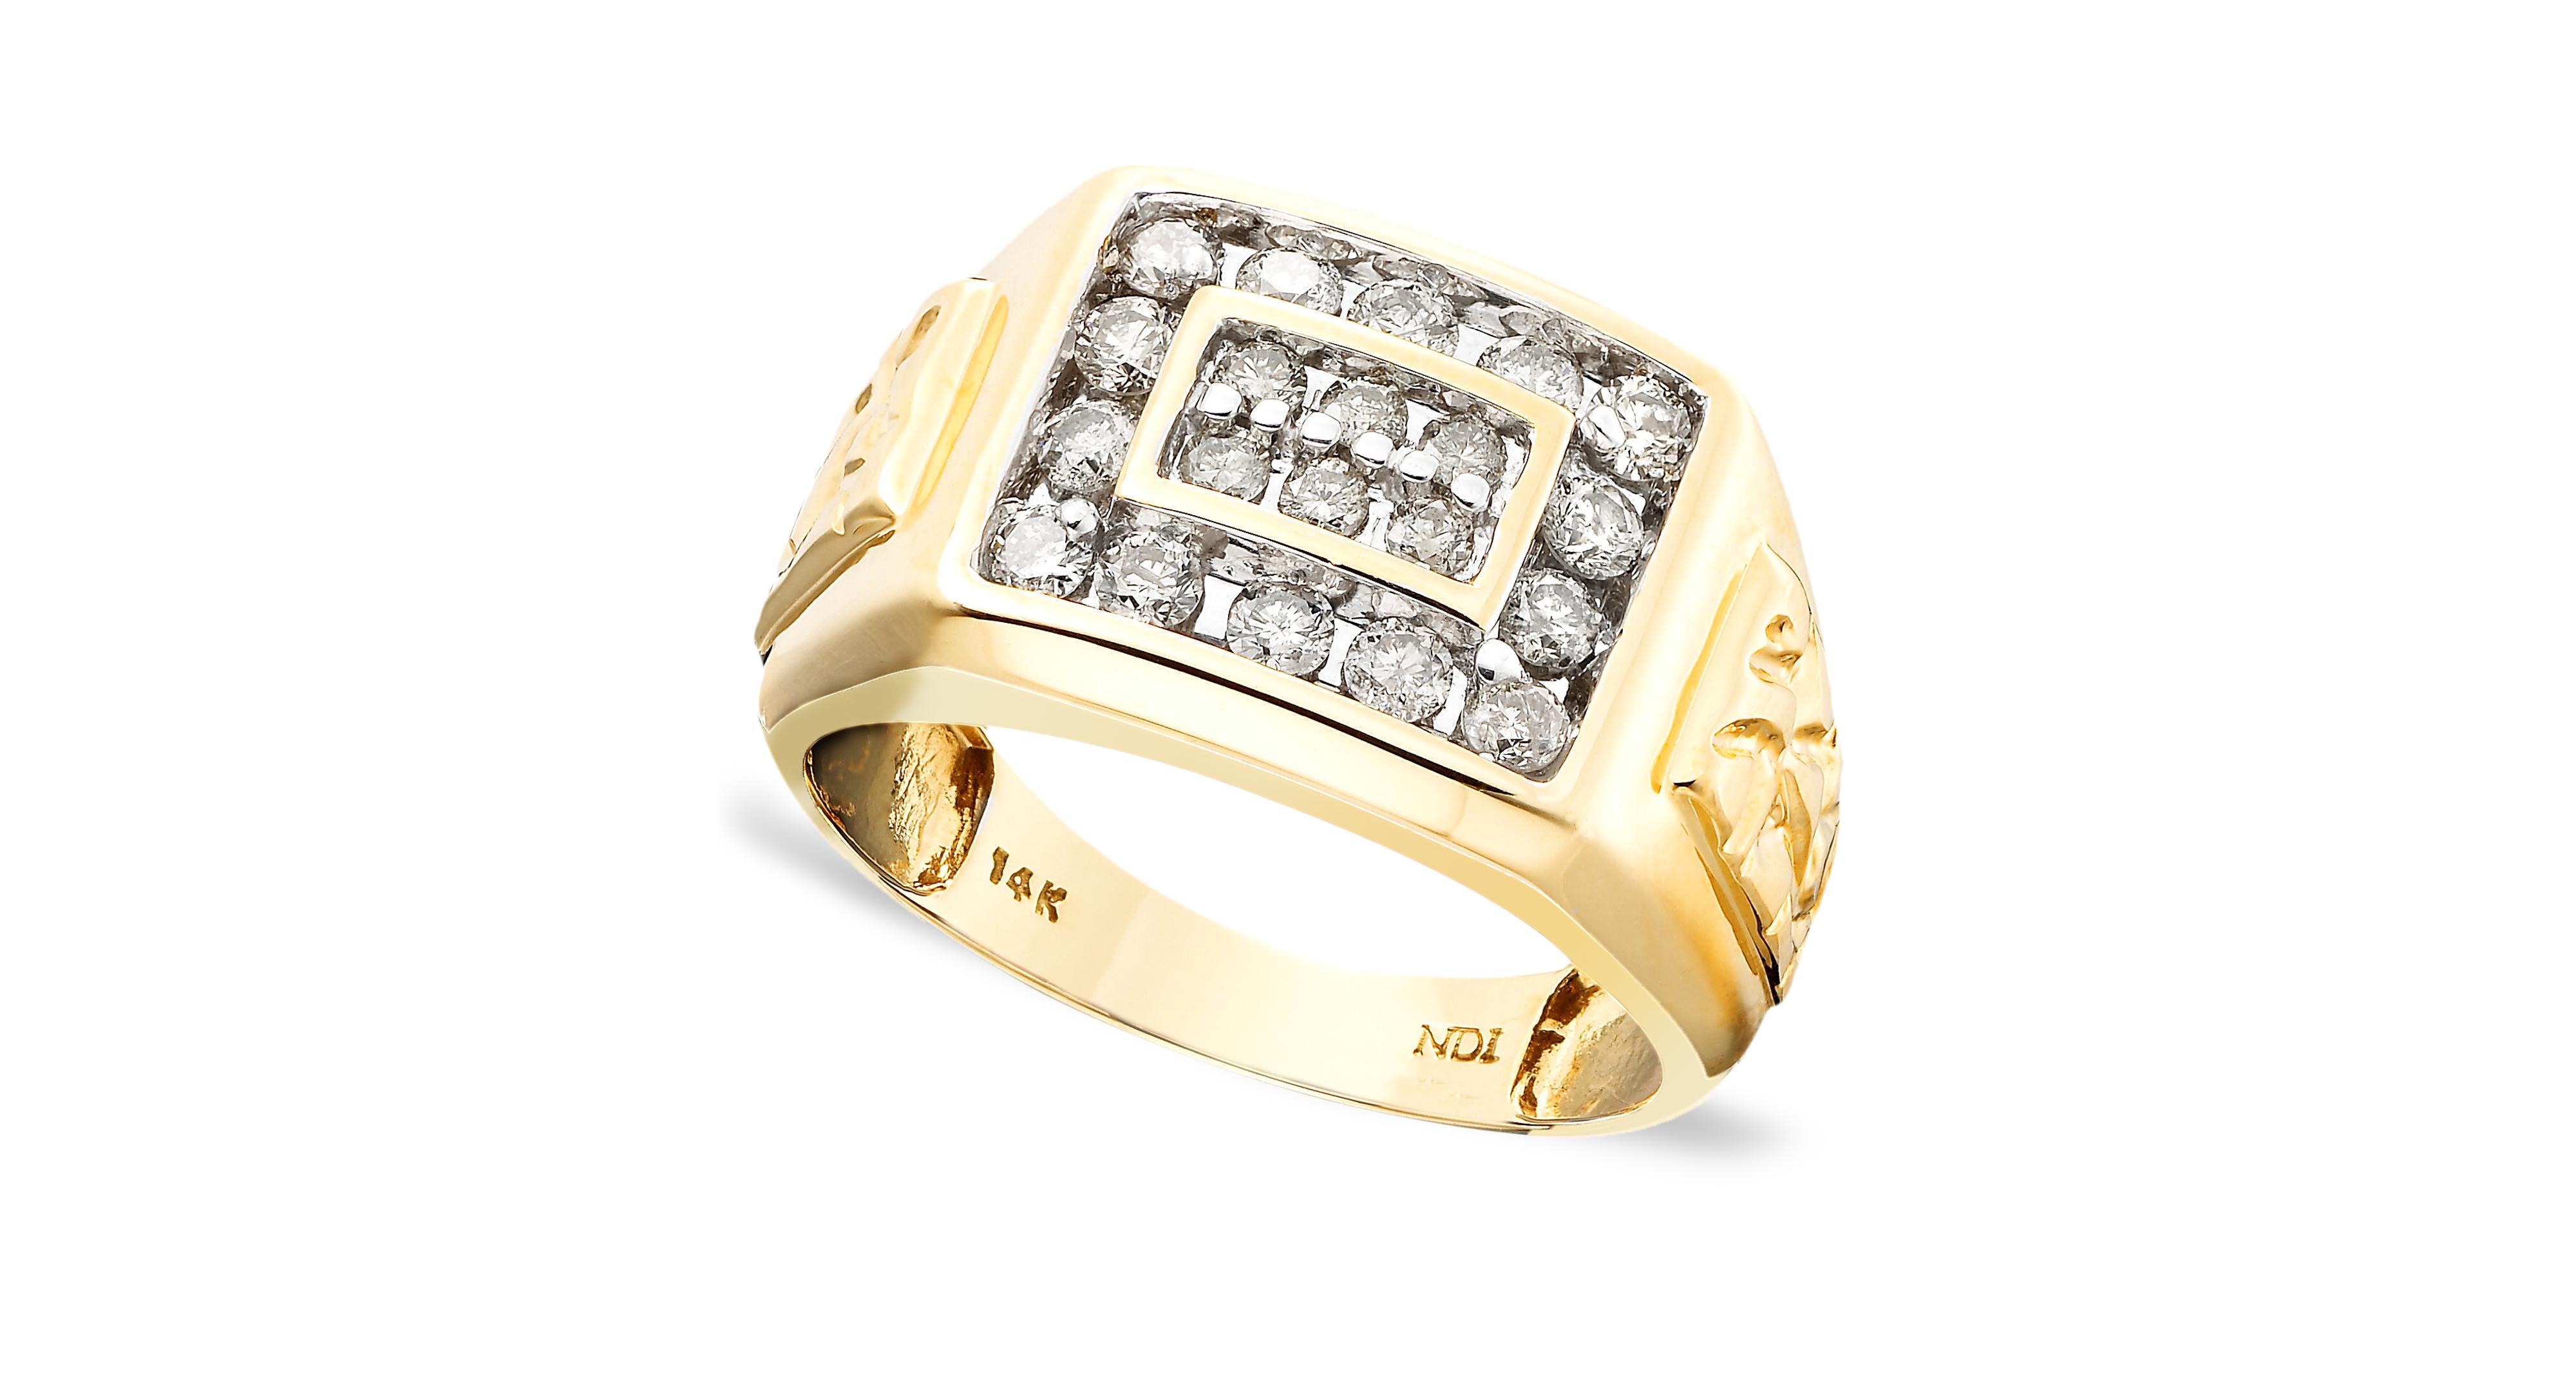 Men's 14k Gold Ring, Diamond (1 ct. t.w.) 14k gold ring